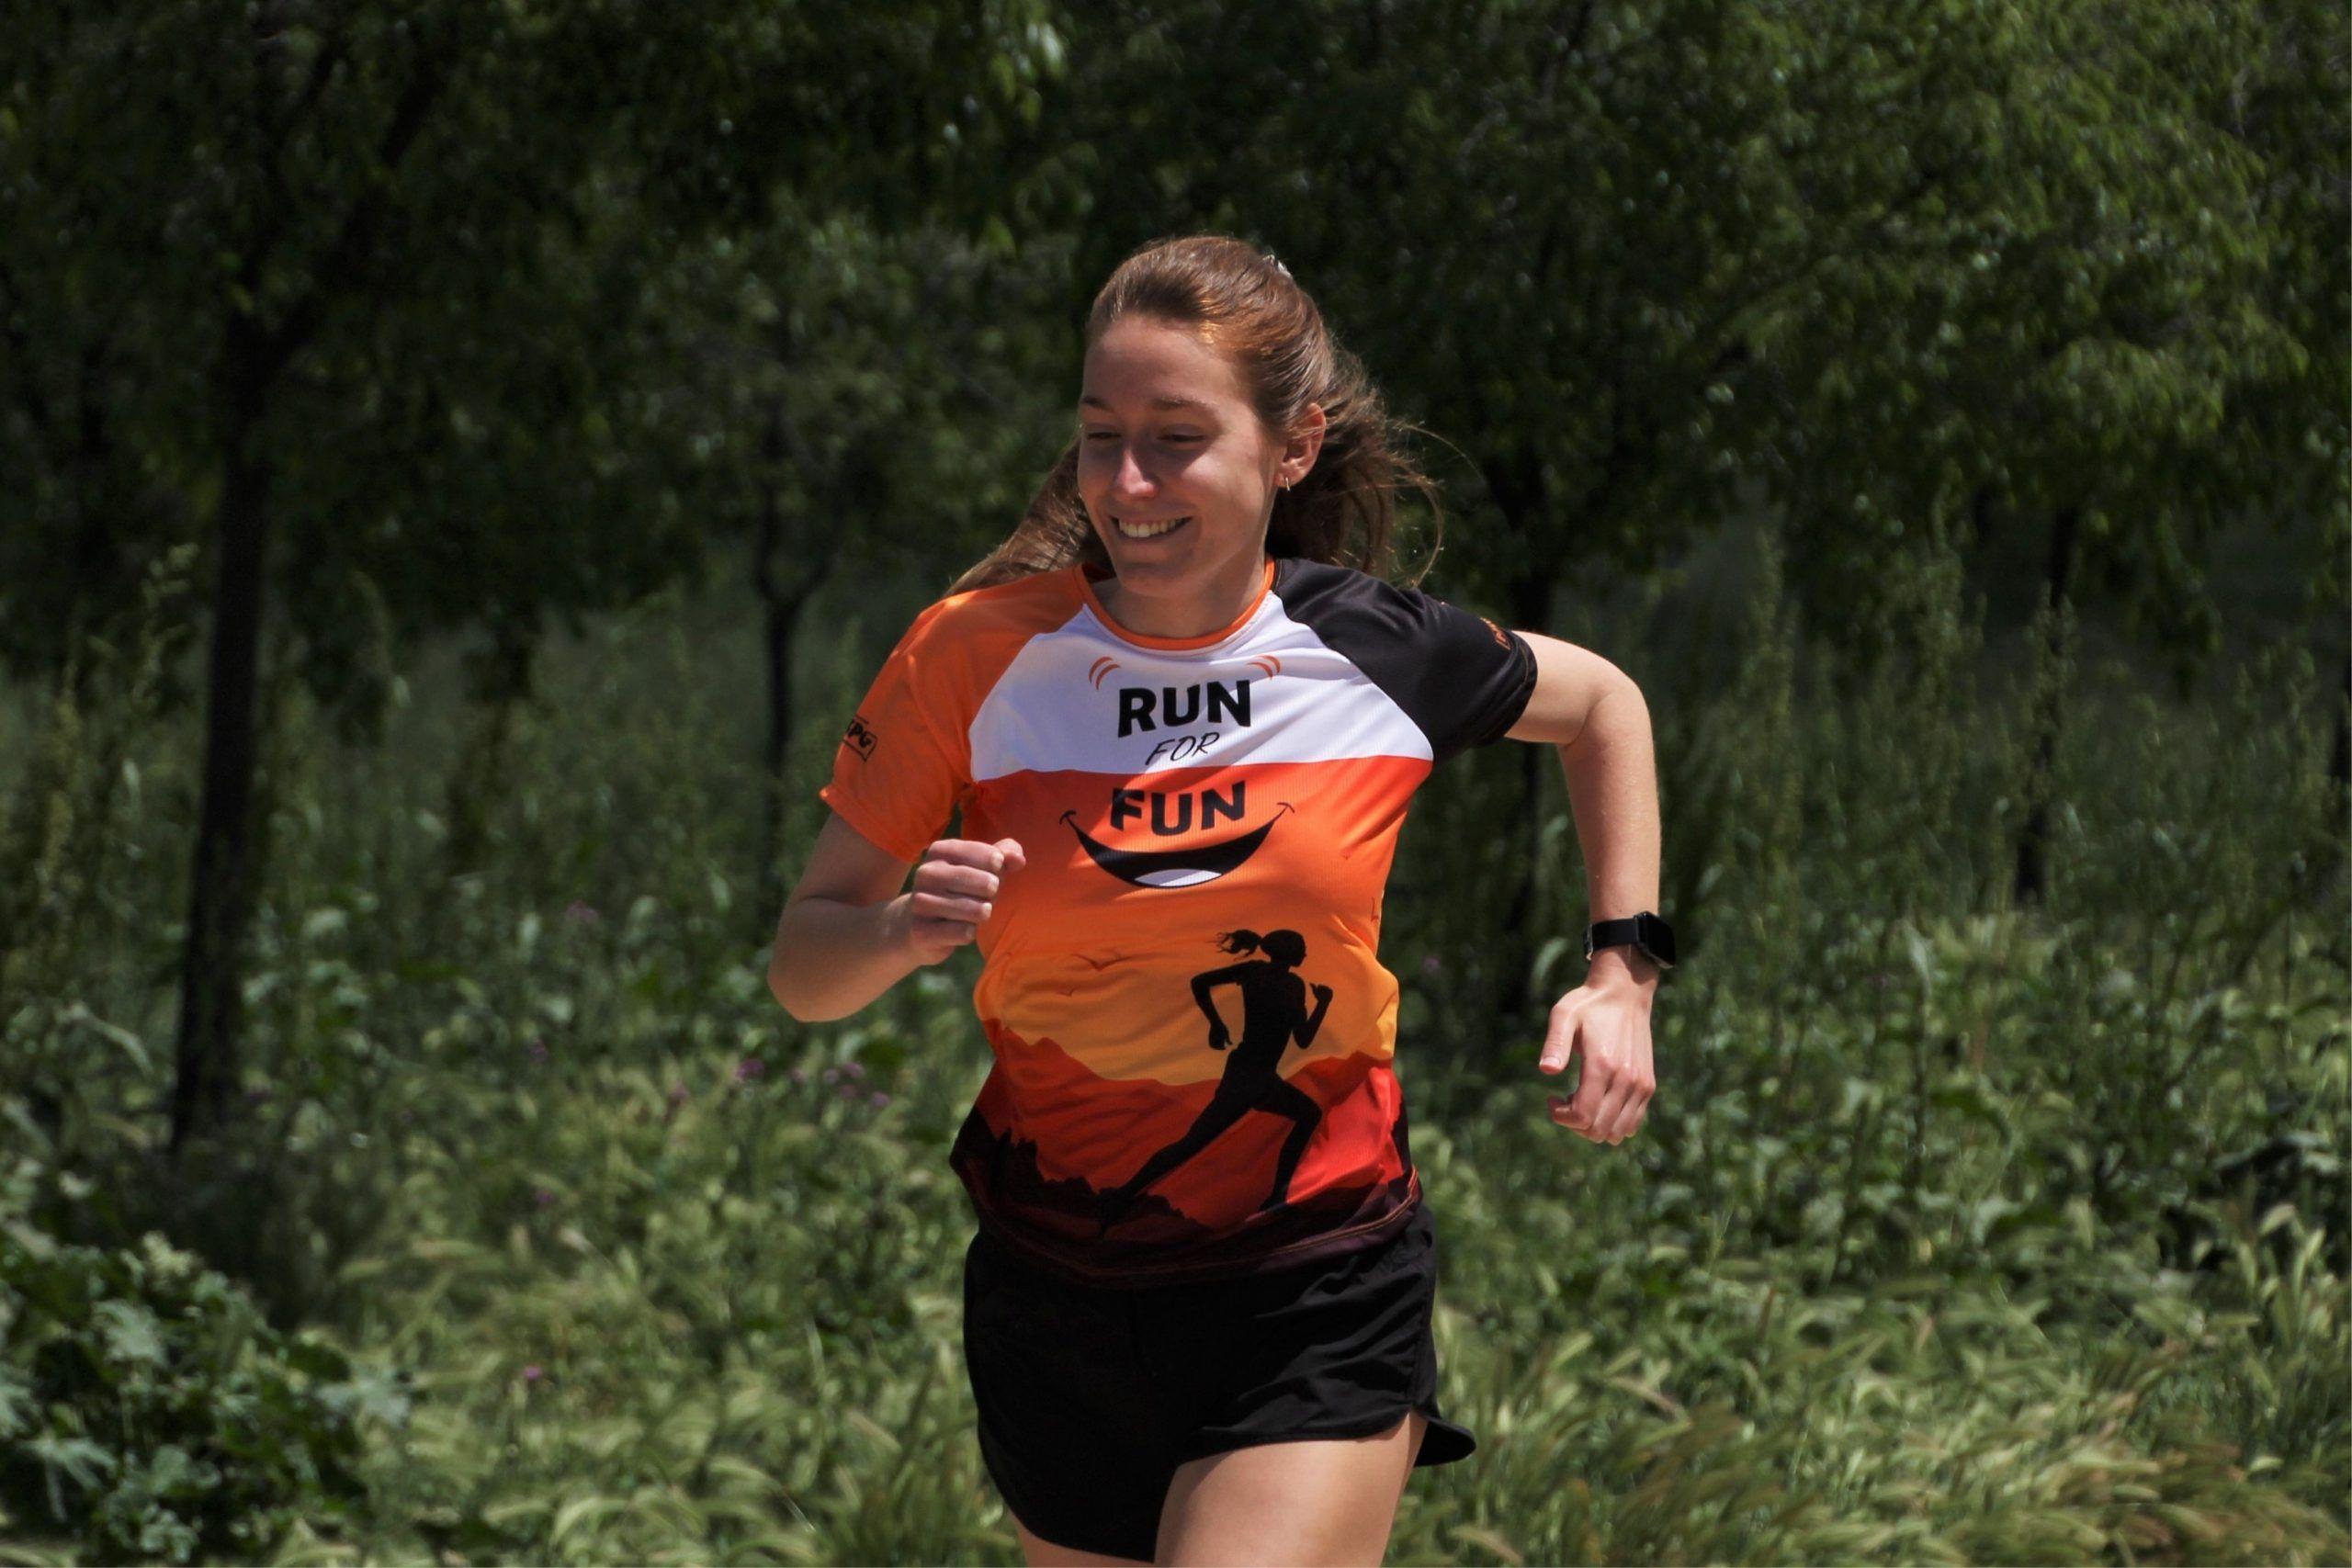 run for fun chica acordeon